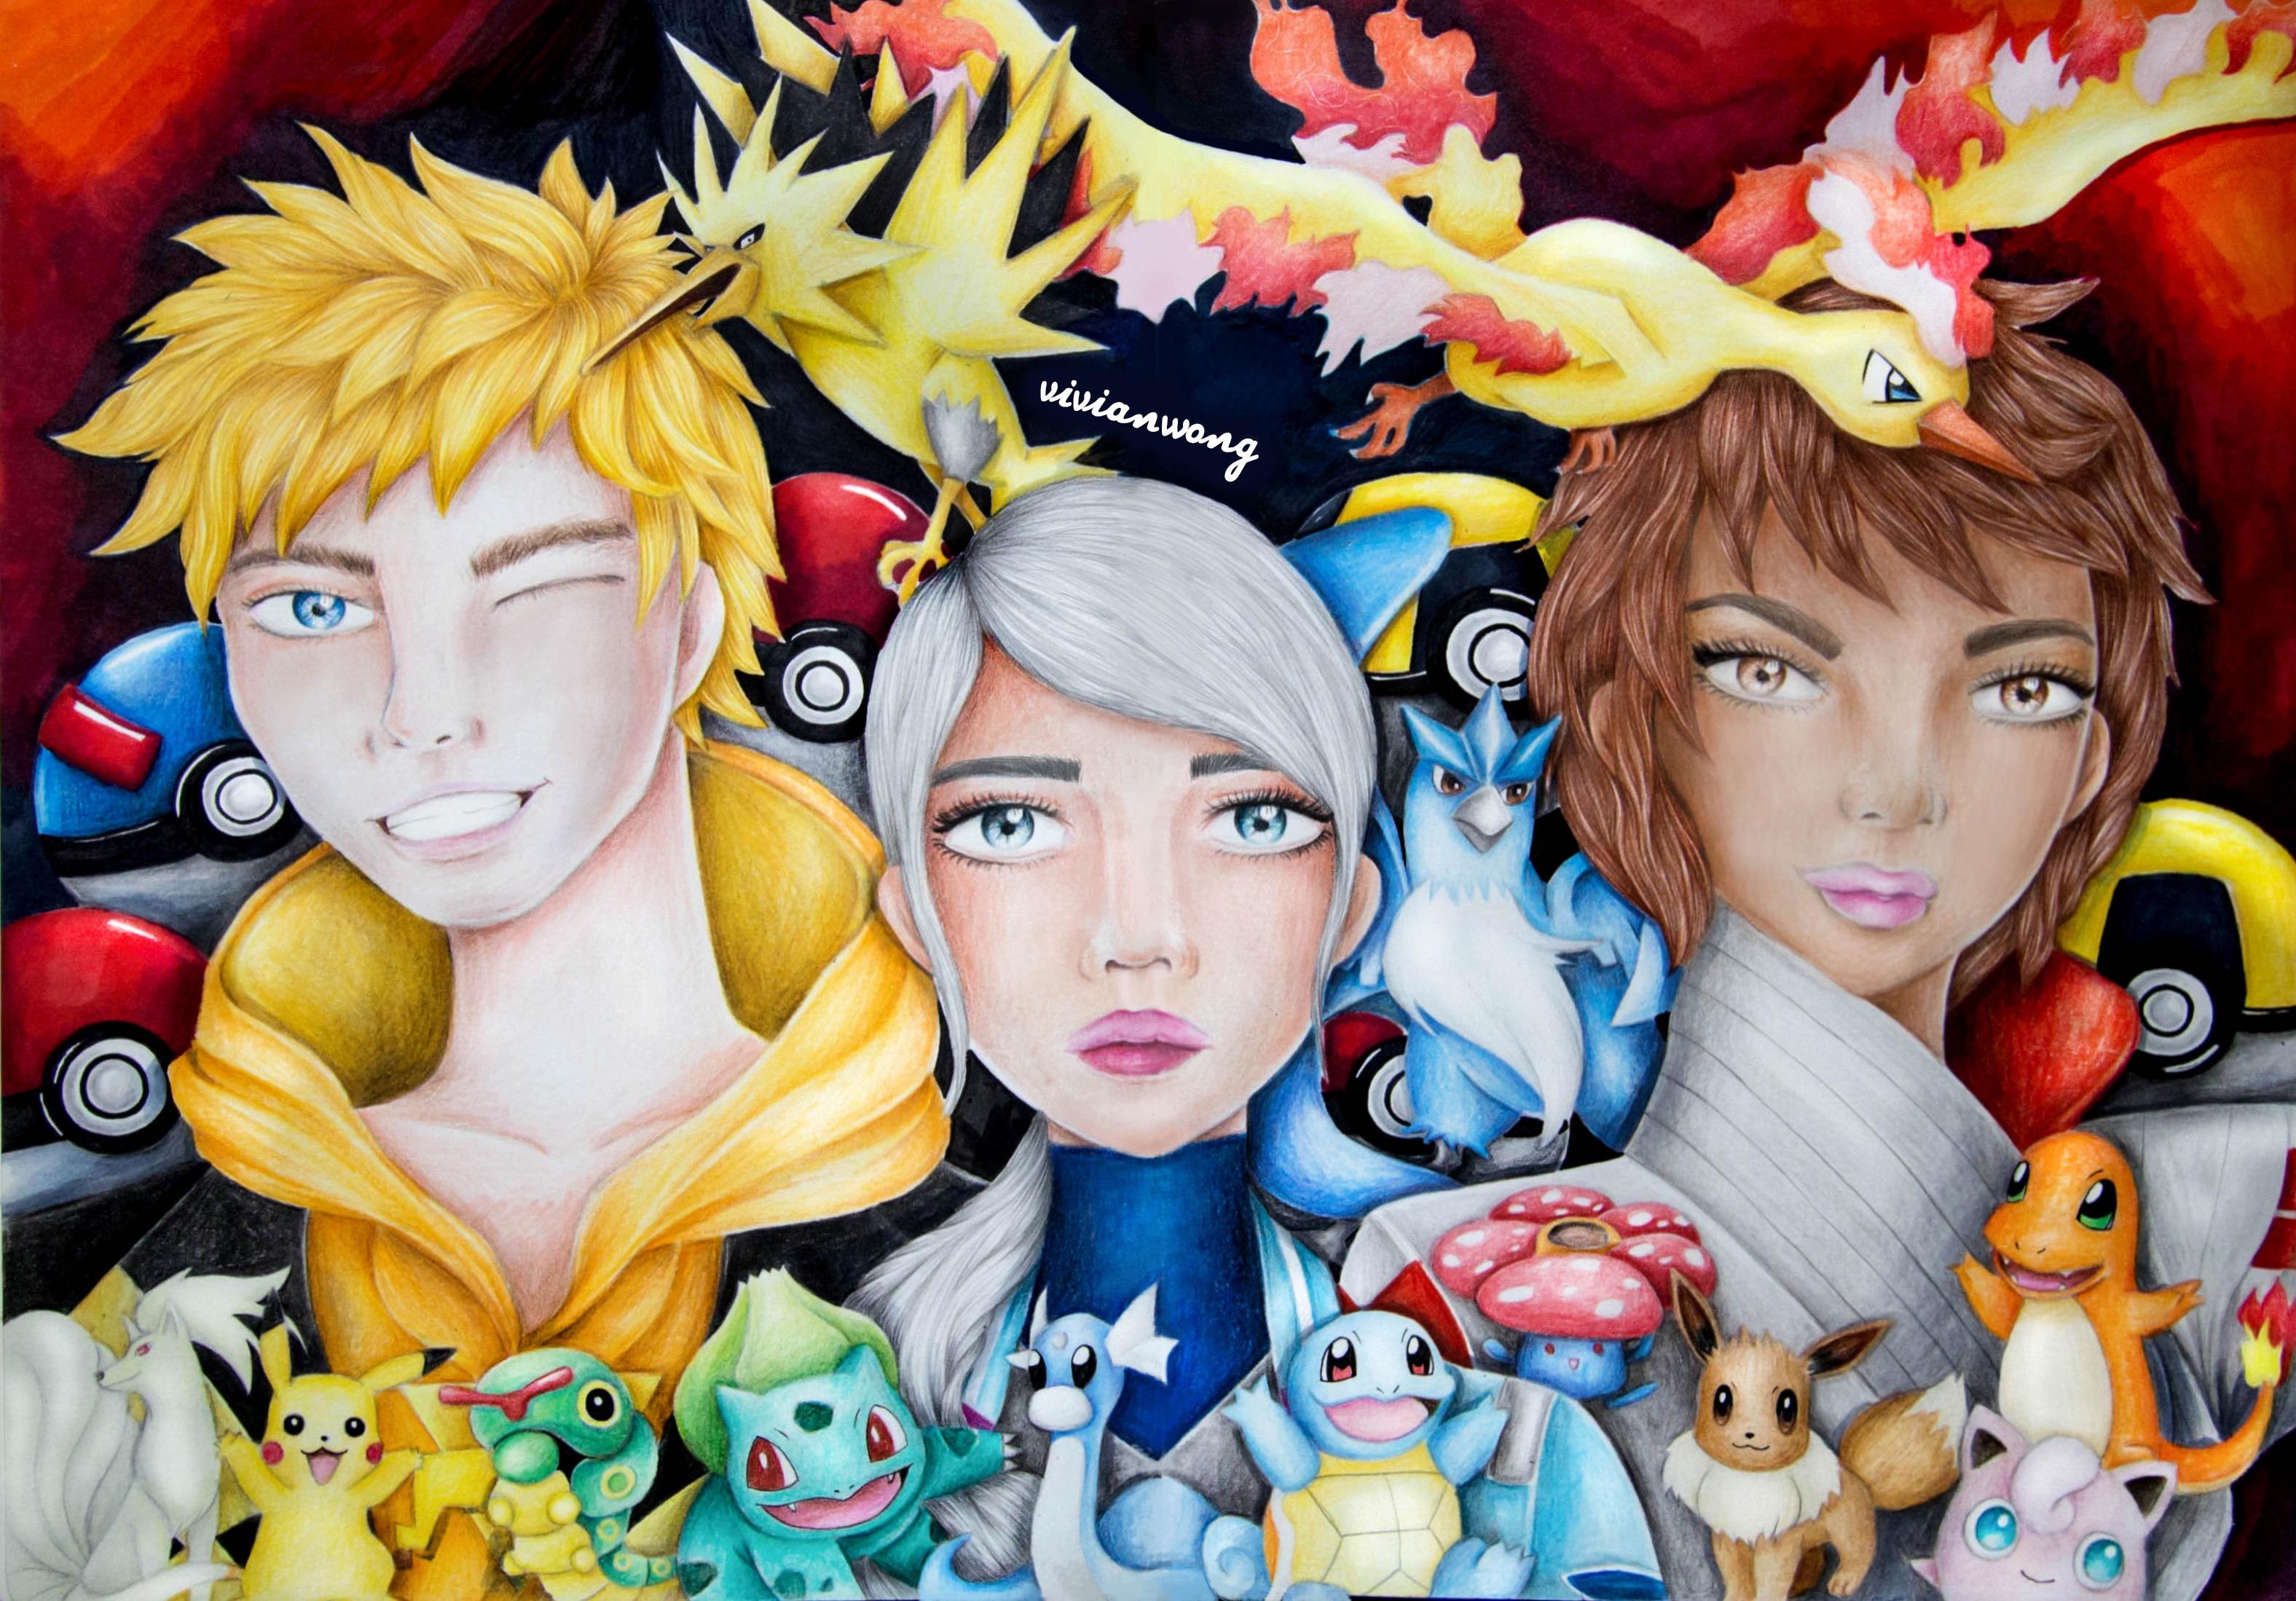 PokemonGoTributeScan